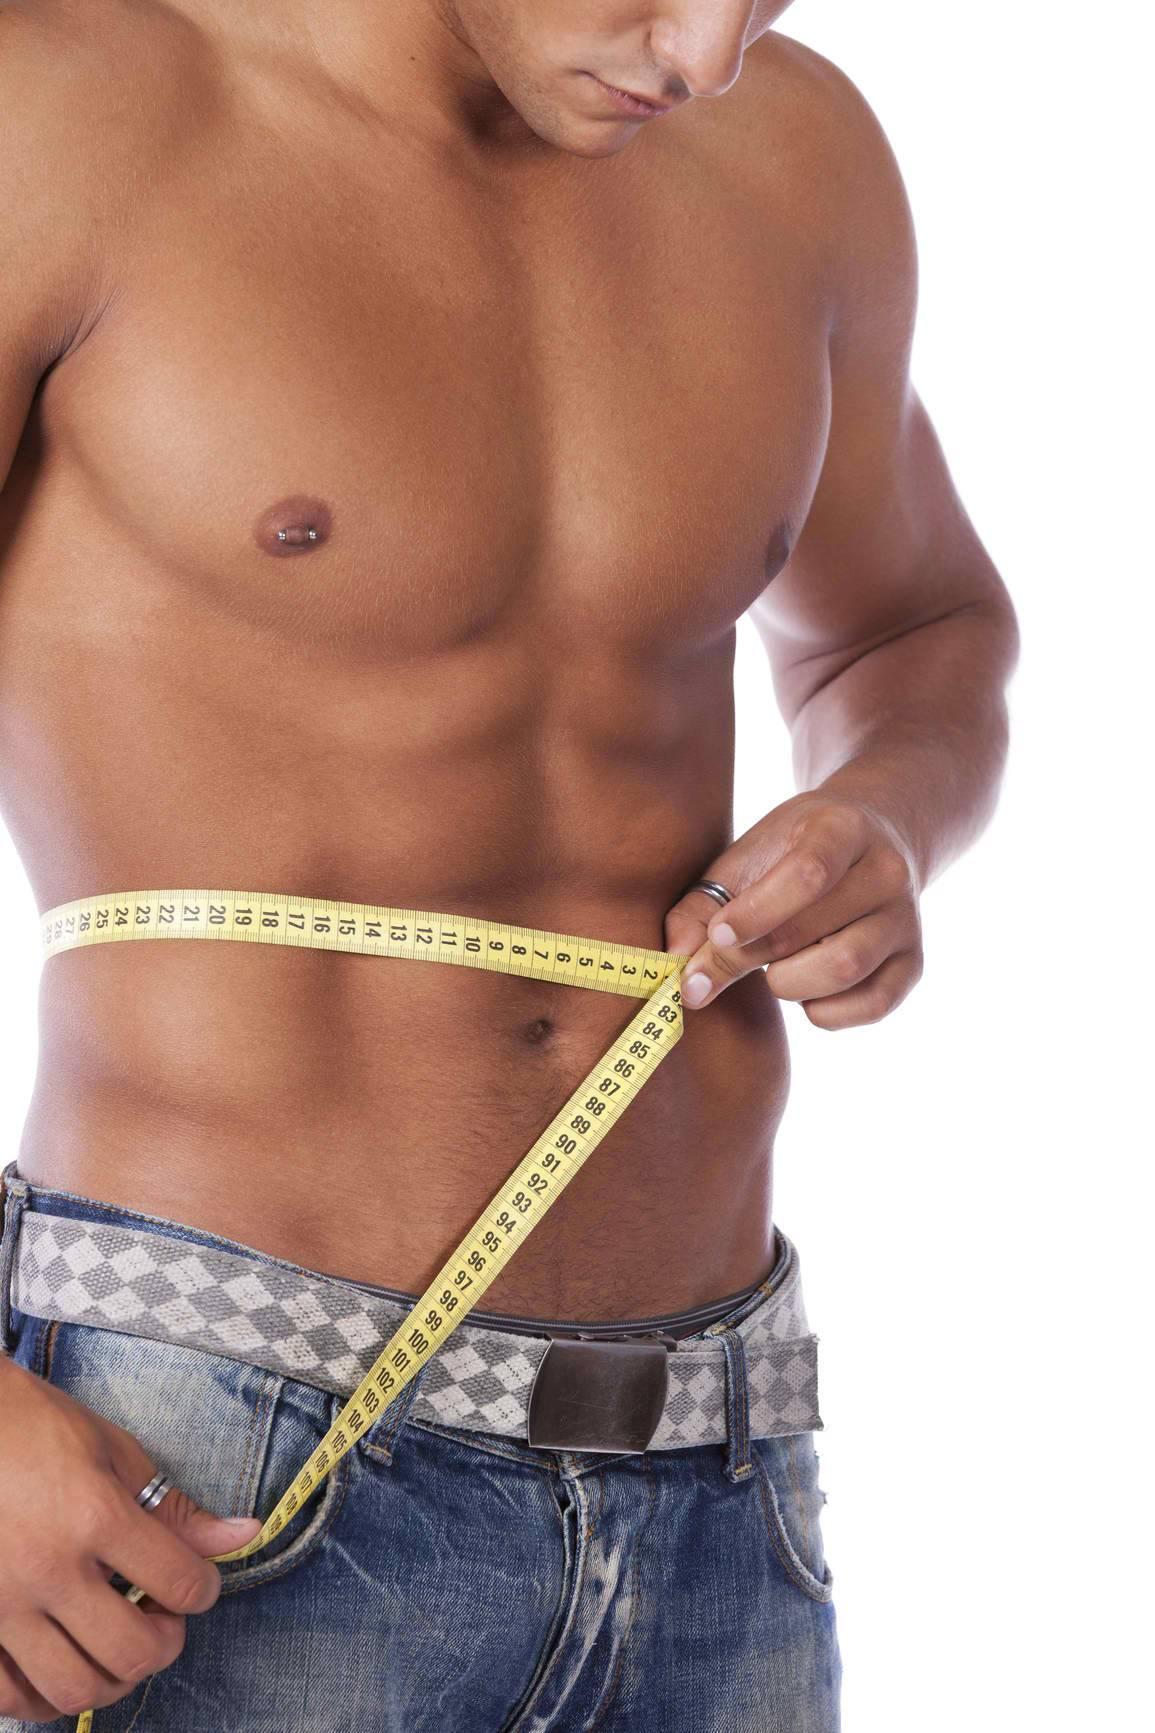 Замеры тела в бодибилдинге: измерение мышц сантиметровой лентой